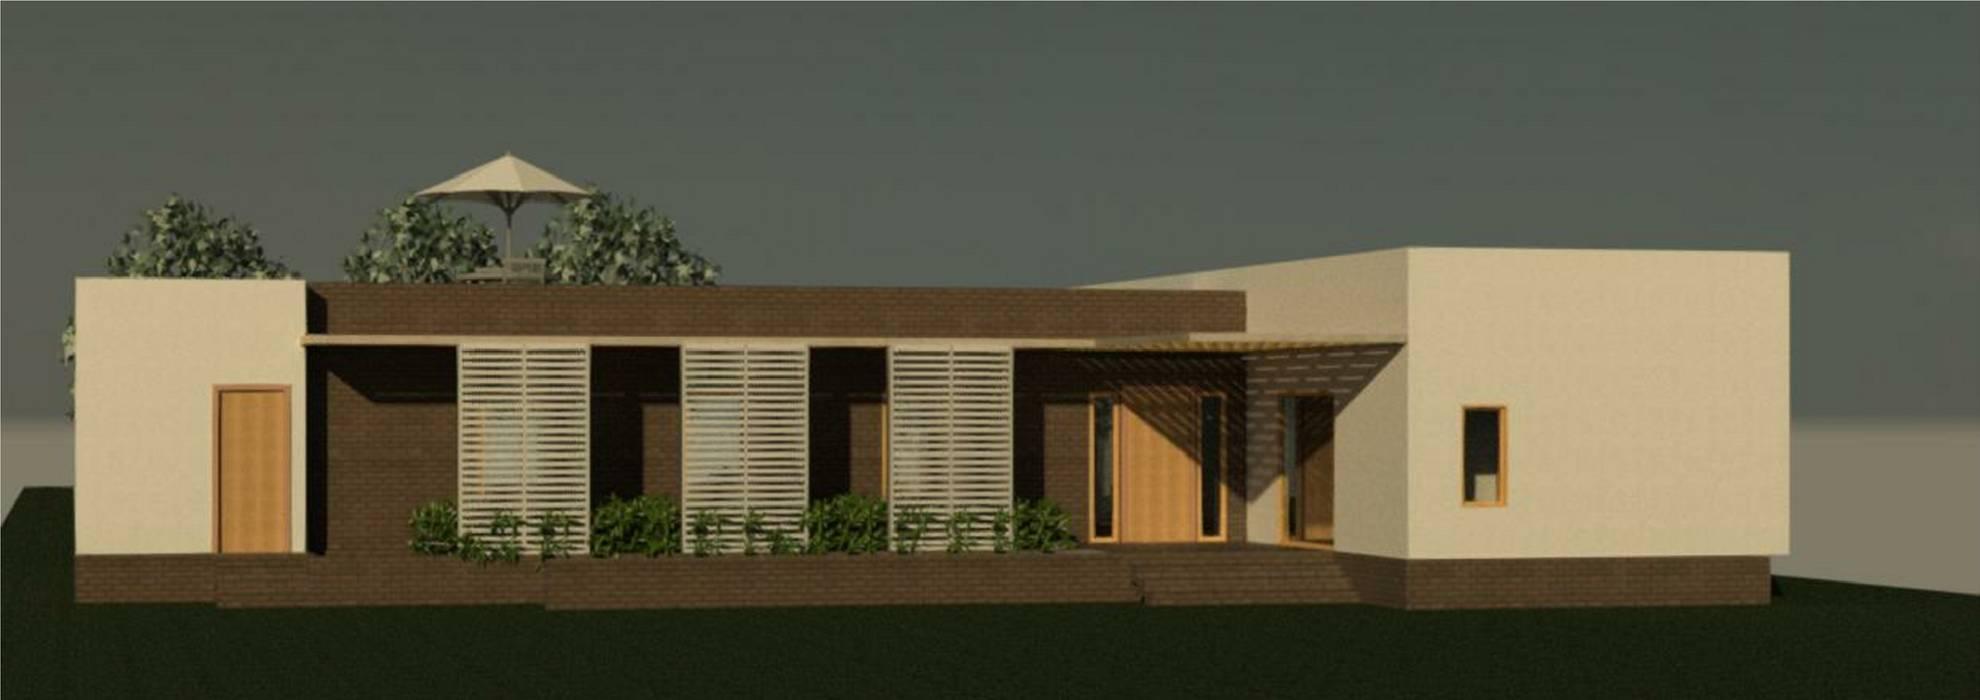 FACHADA PONIENTE Casas de estilo mediterráneo de Casas del Girasol- arquitecto Viña del mar Valparaiso Santiago Mediterráneo